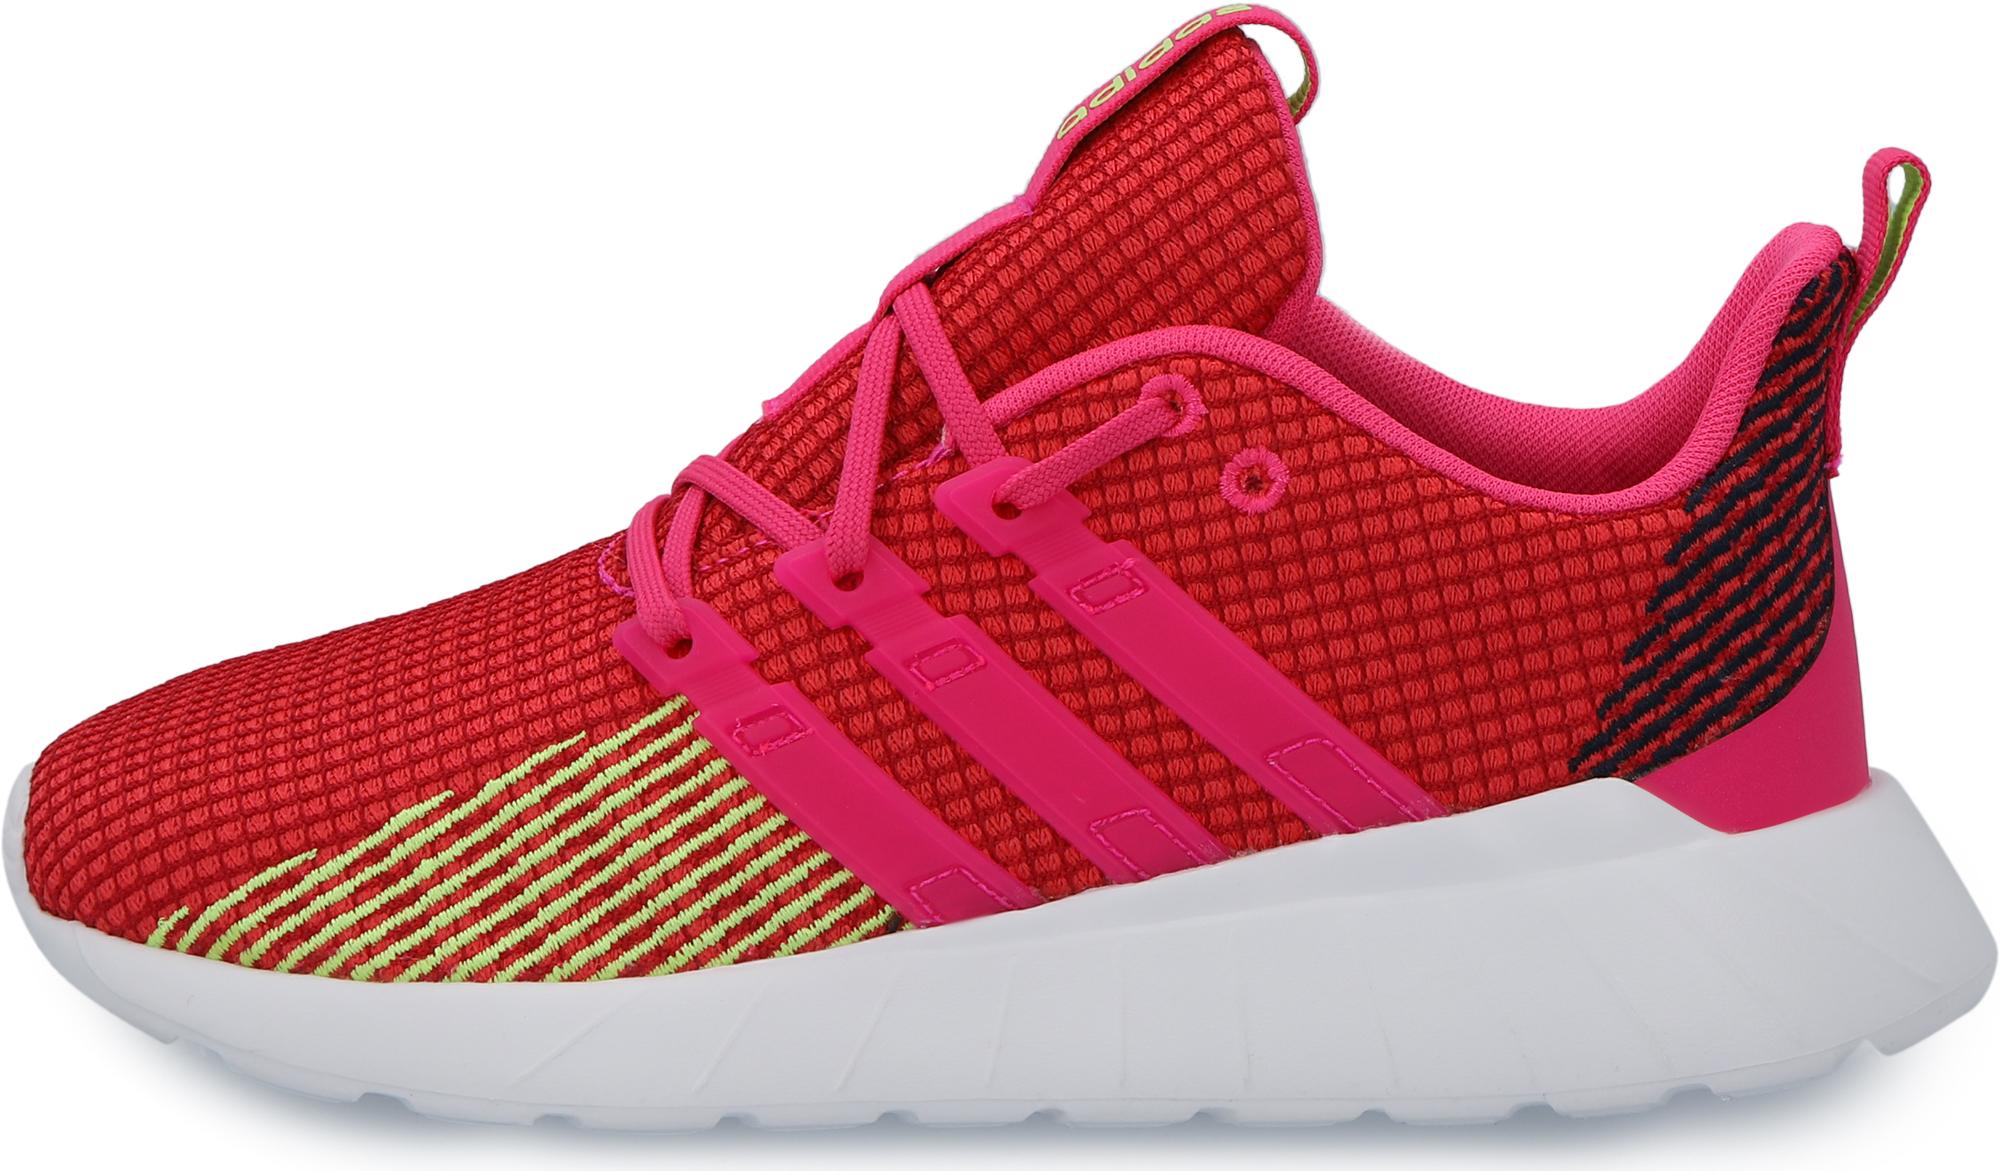 Adidas Кроссовки для девочек Adidas Questar Flow K, размер 38.5 кроссовки детские adidas цвет белый cg6708 размер 31 19